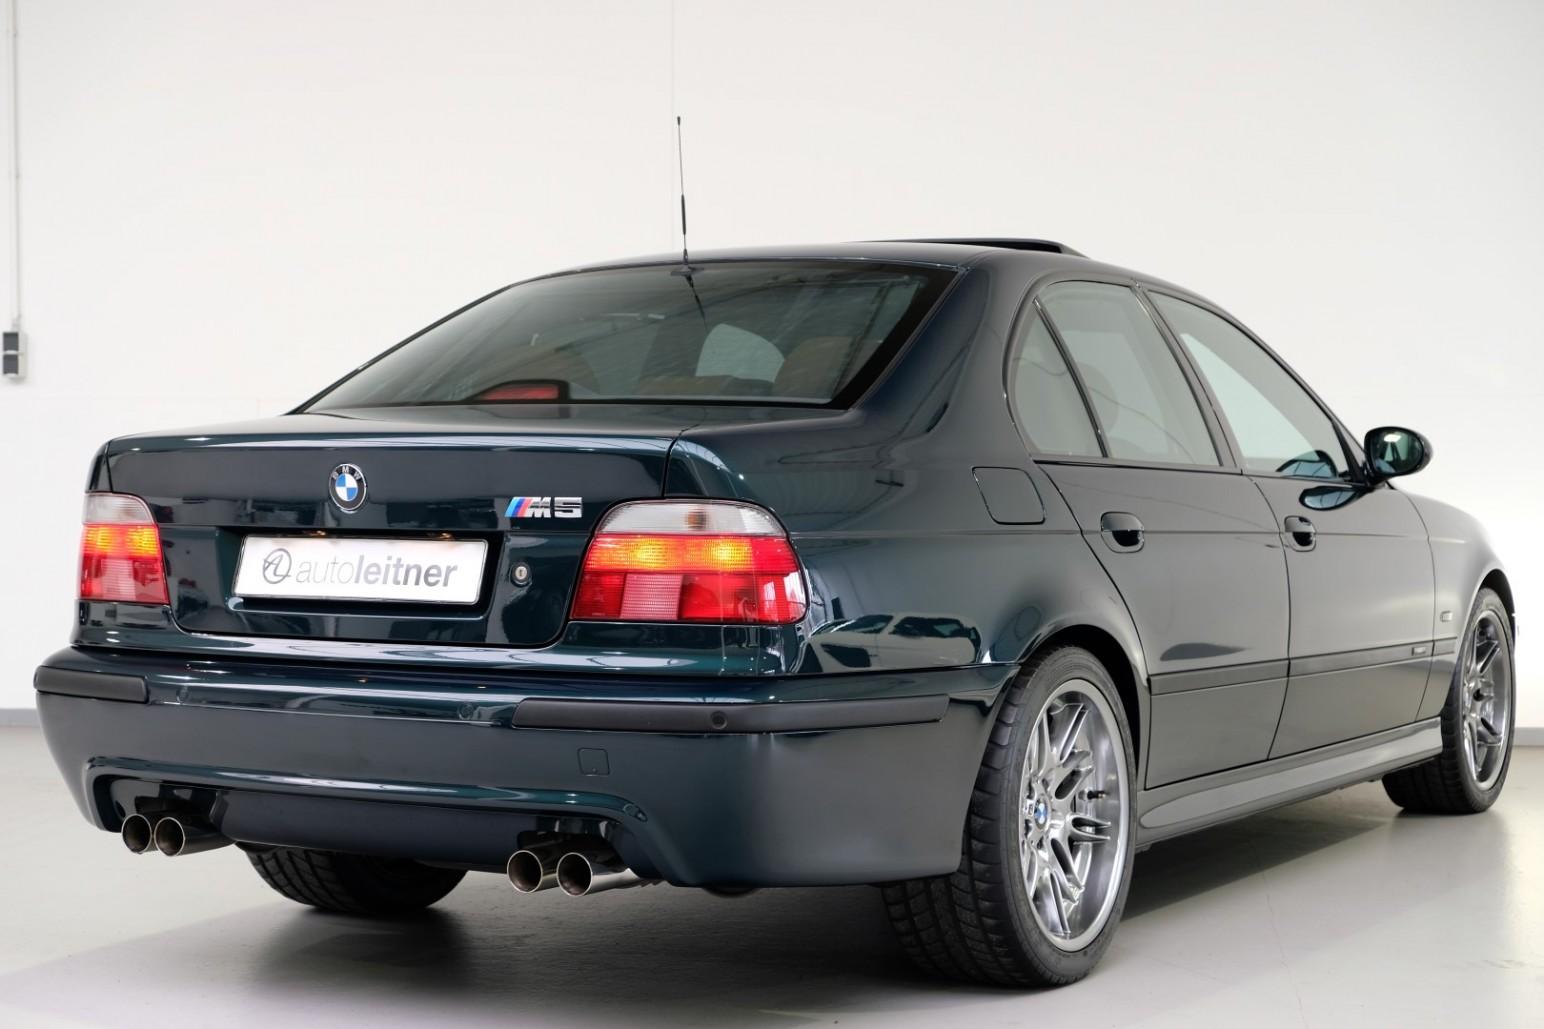 BMW-M5-E39-1999-for-sale-30